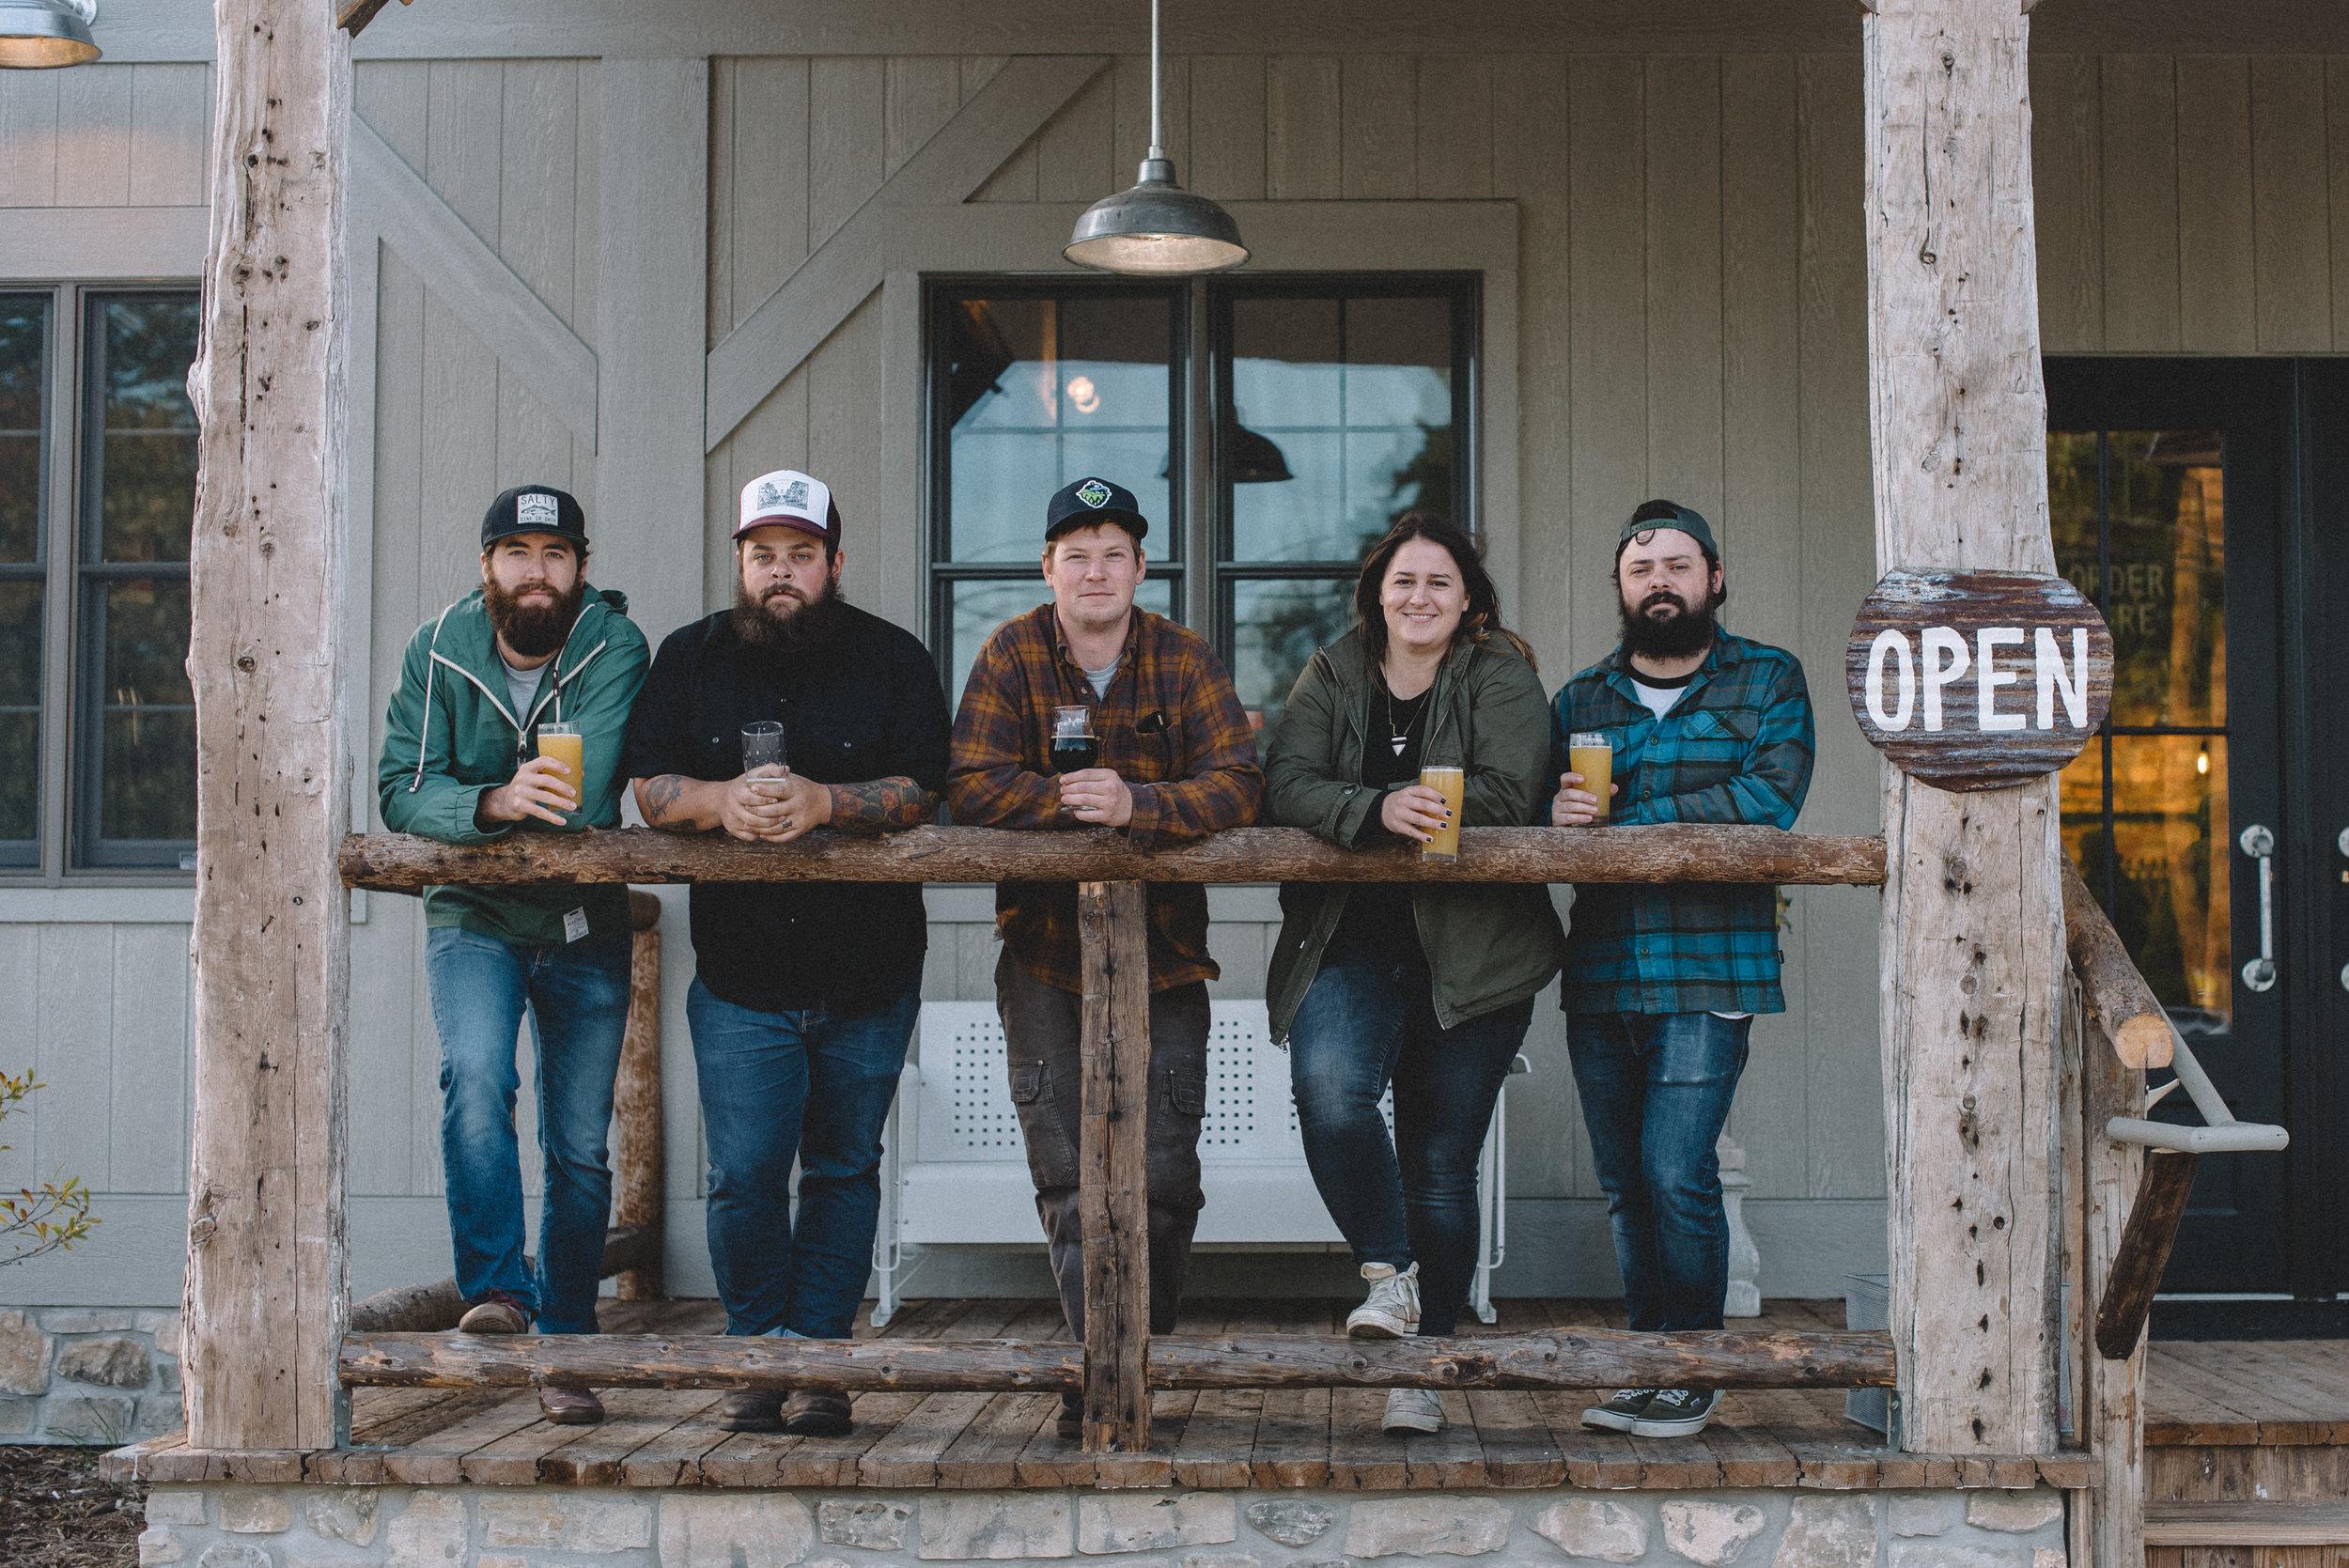 Hacienda-Beer-Co-Door-County-Announcement-1.jpg